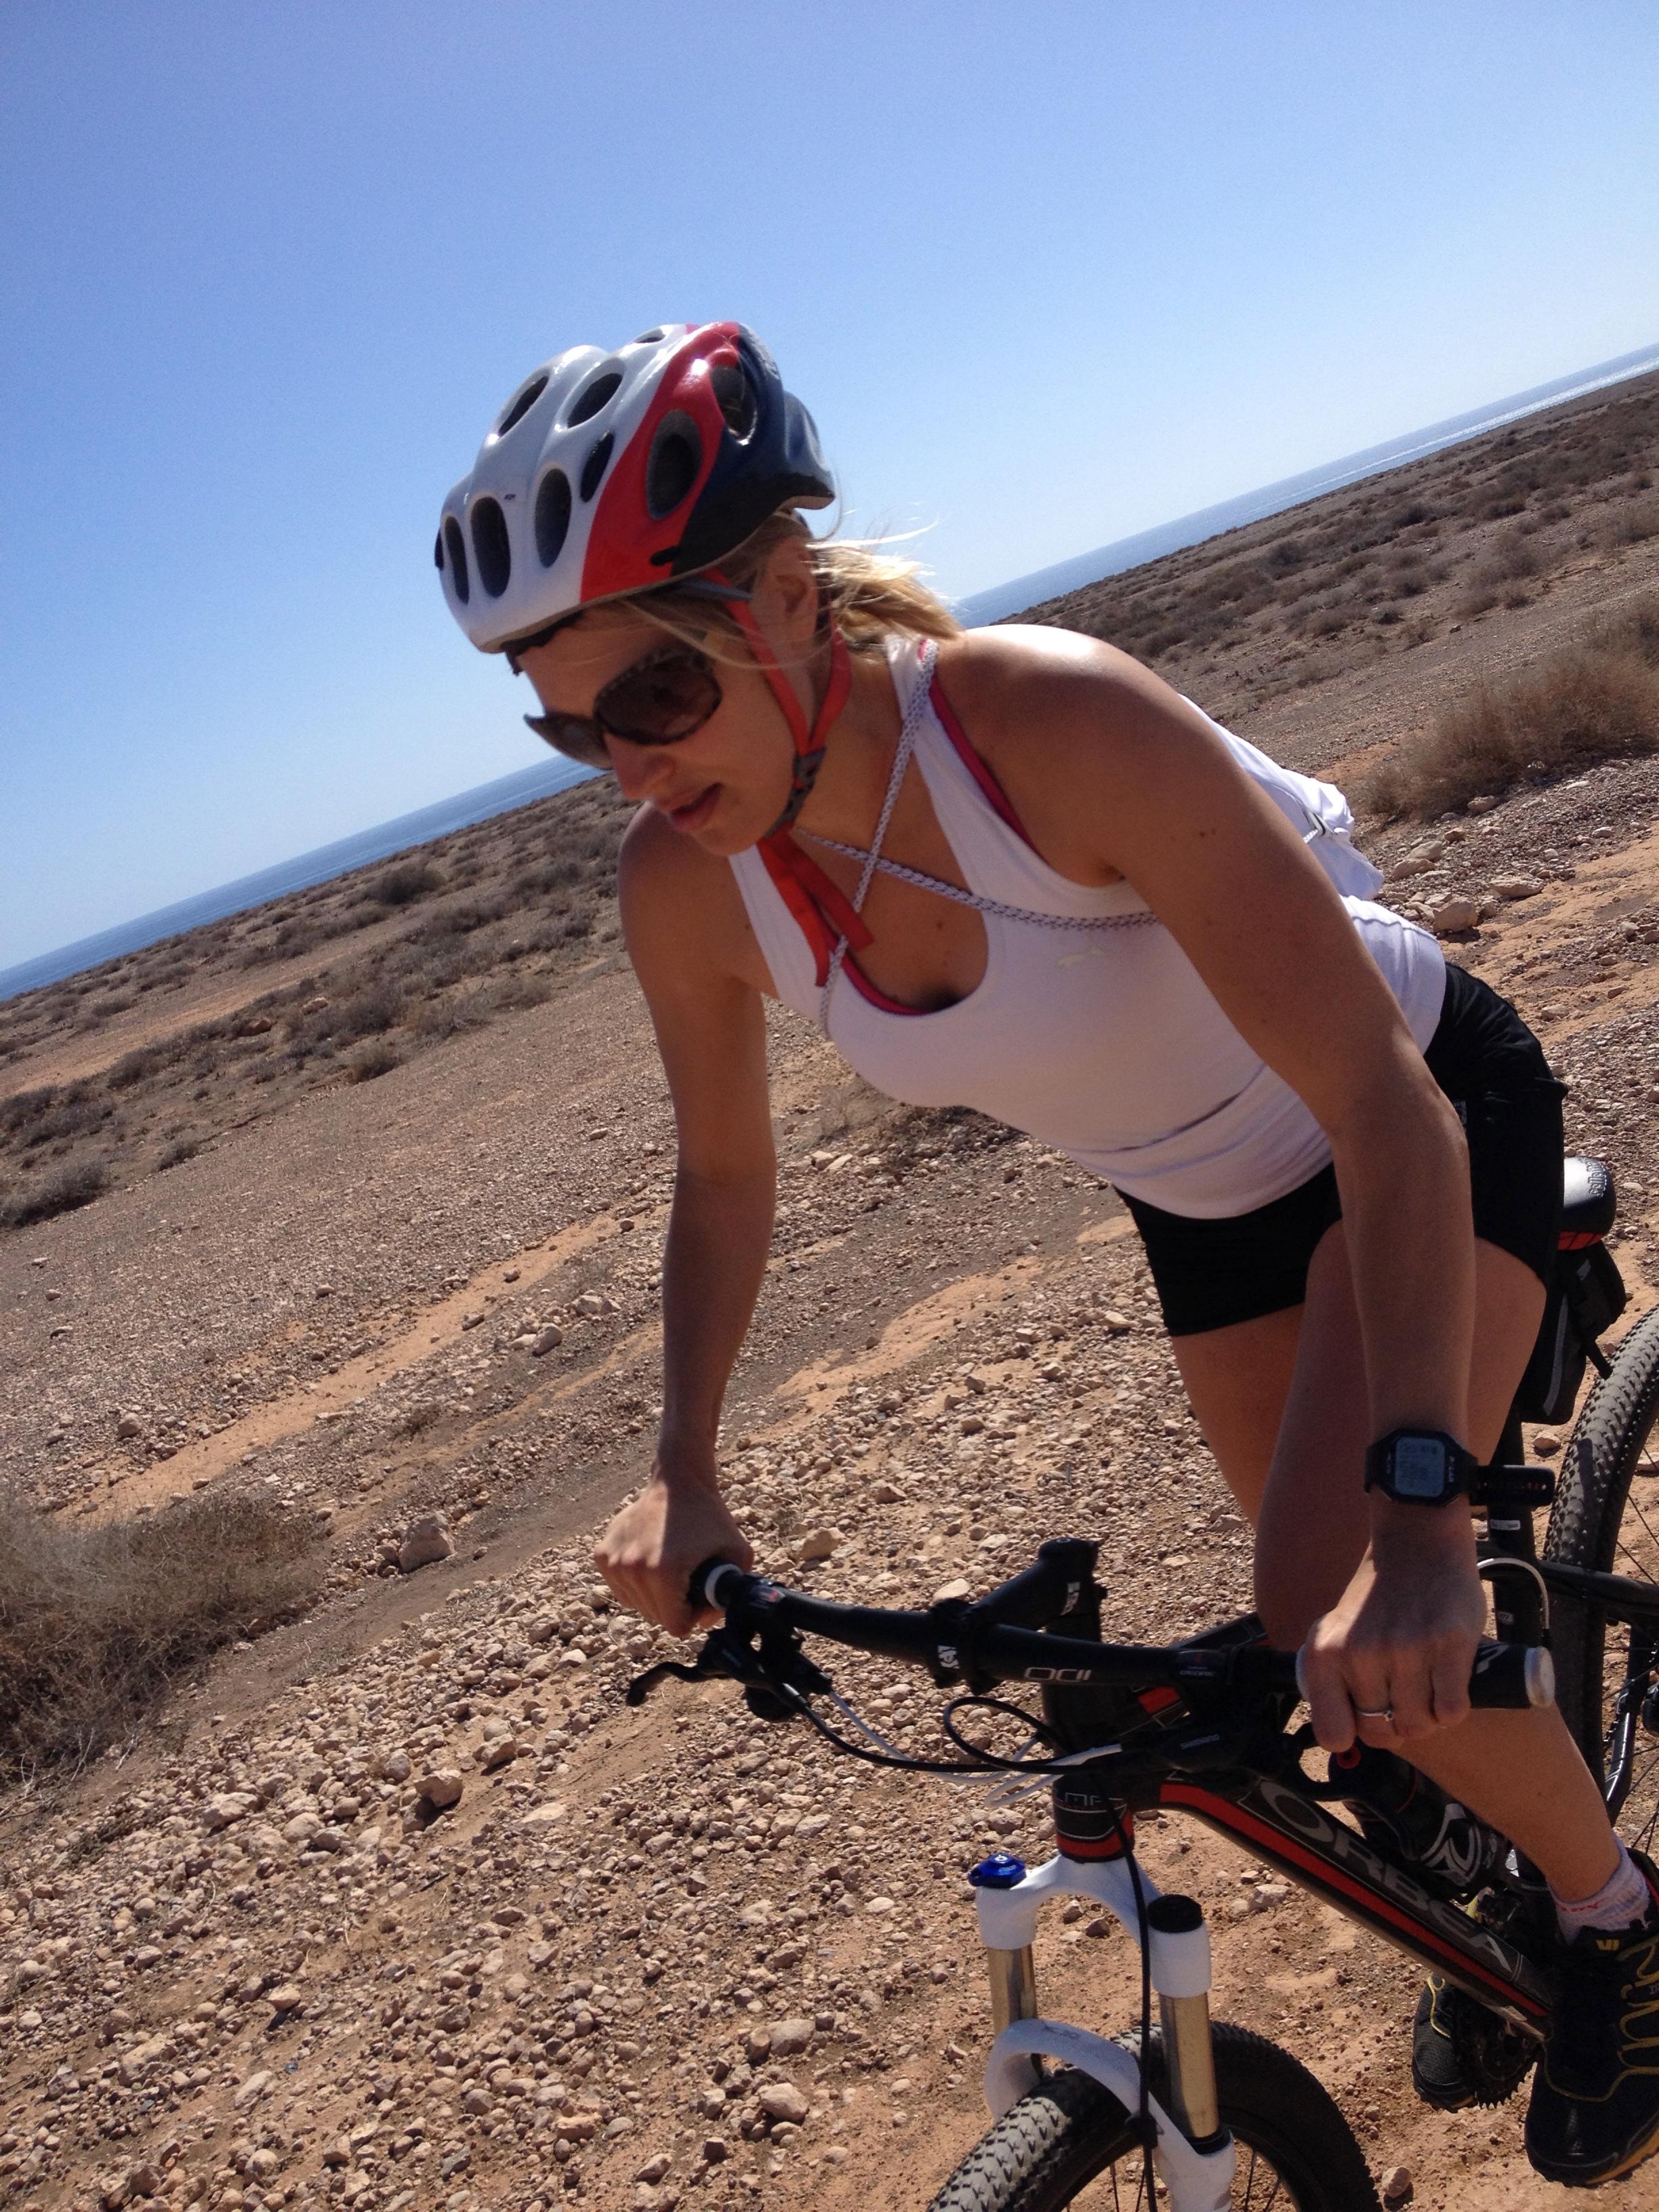 Polkemista kuumuudessa/ Cycling in the heat